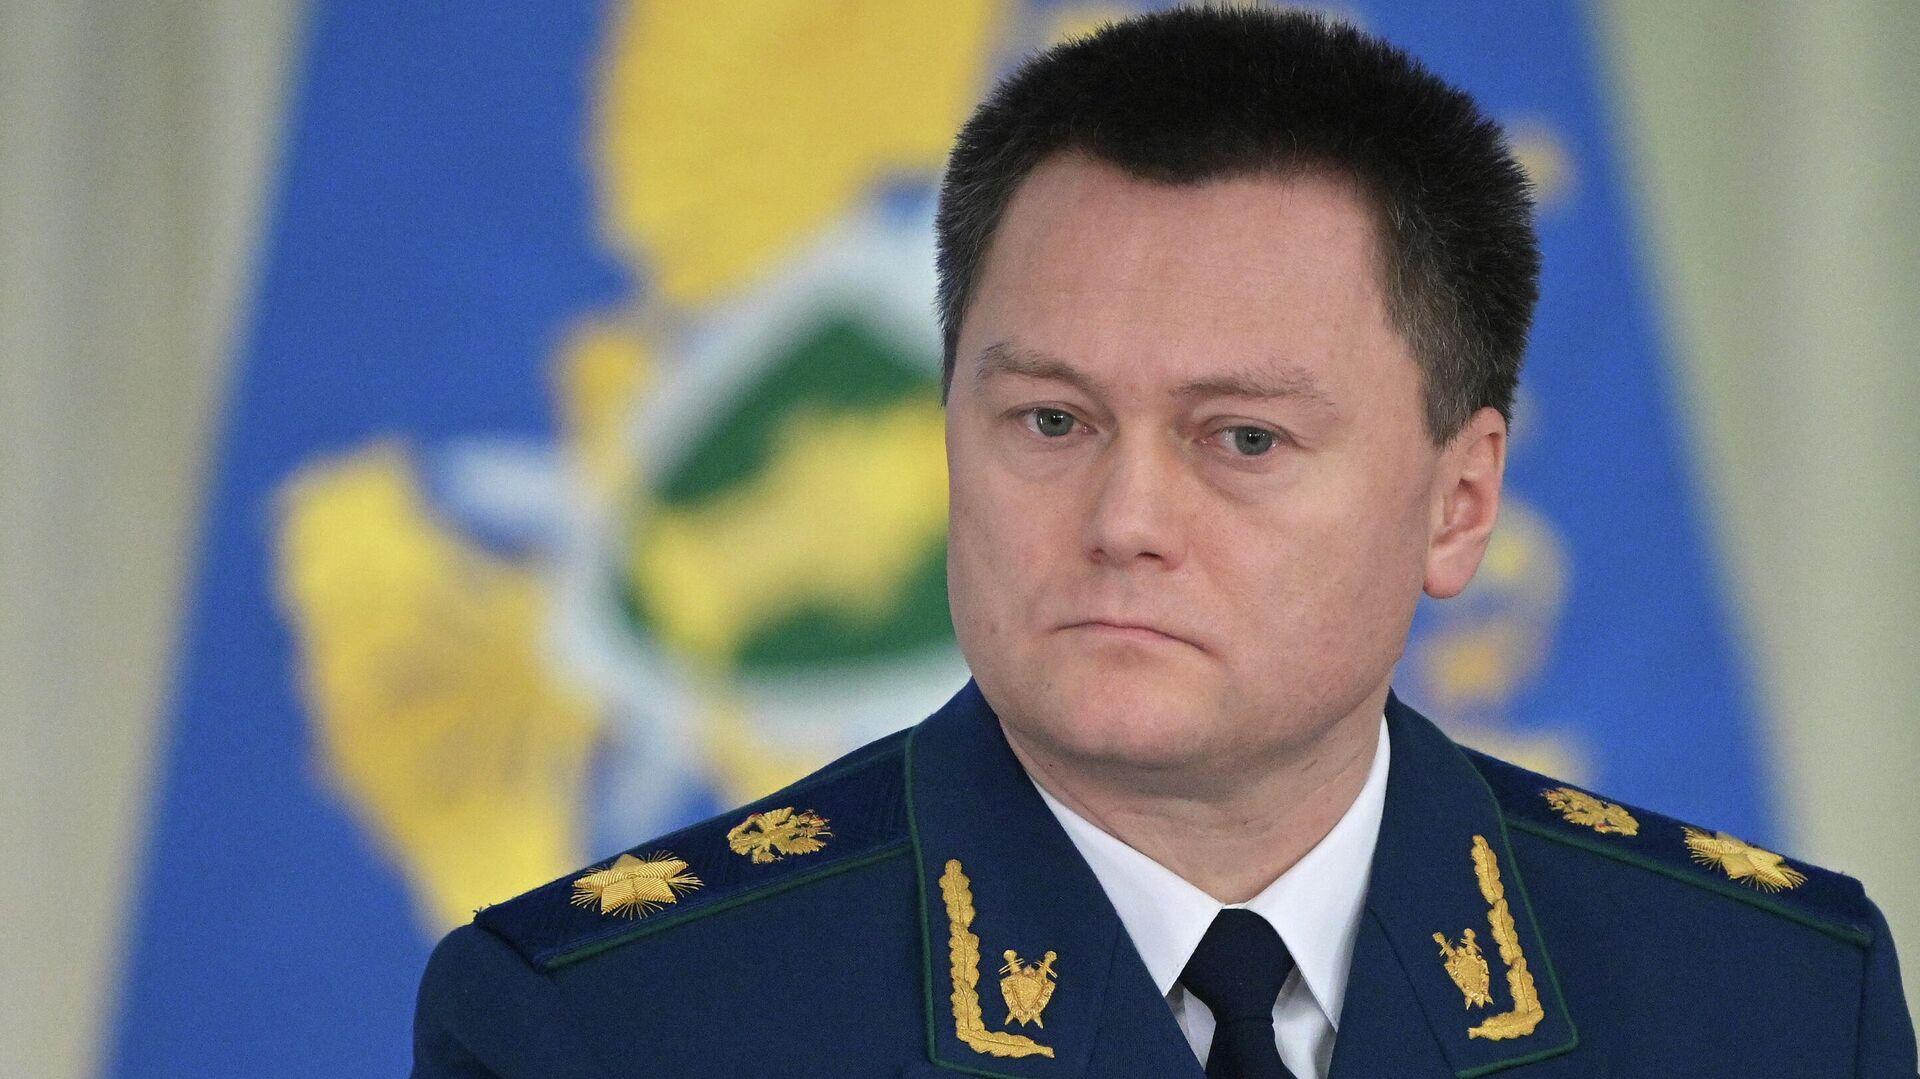 Ущерб от коррупции в России с начала года превысил 45 миллиардов рублей